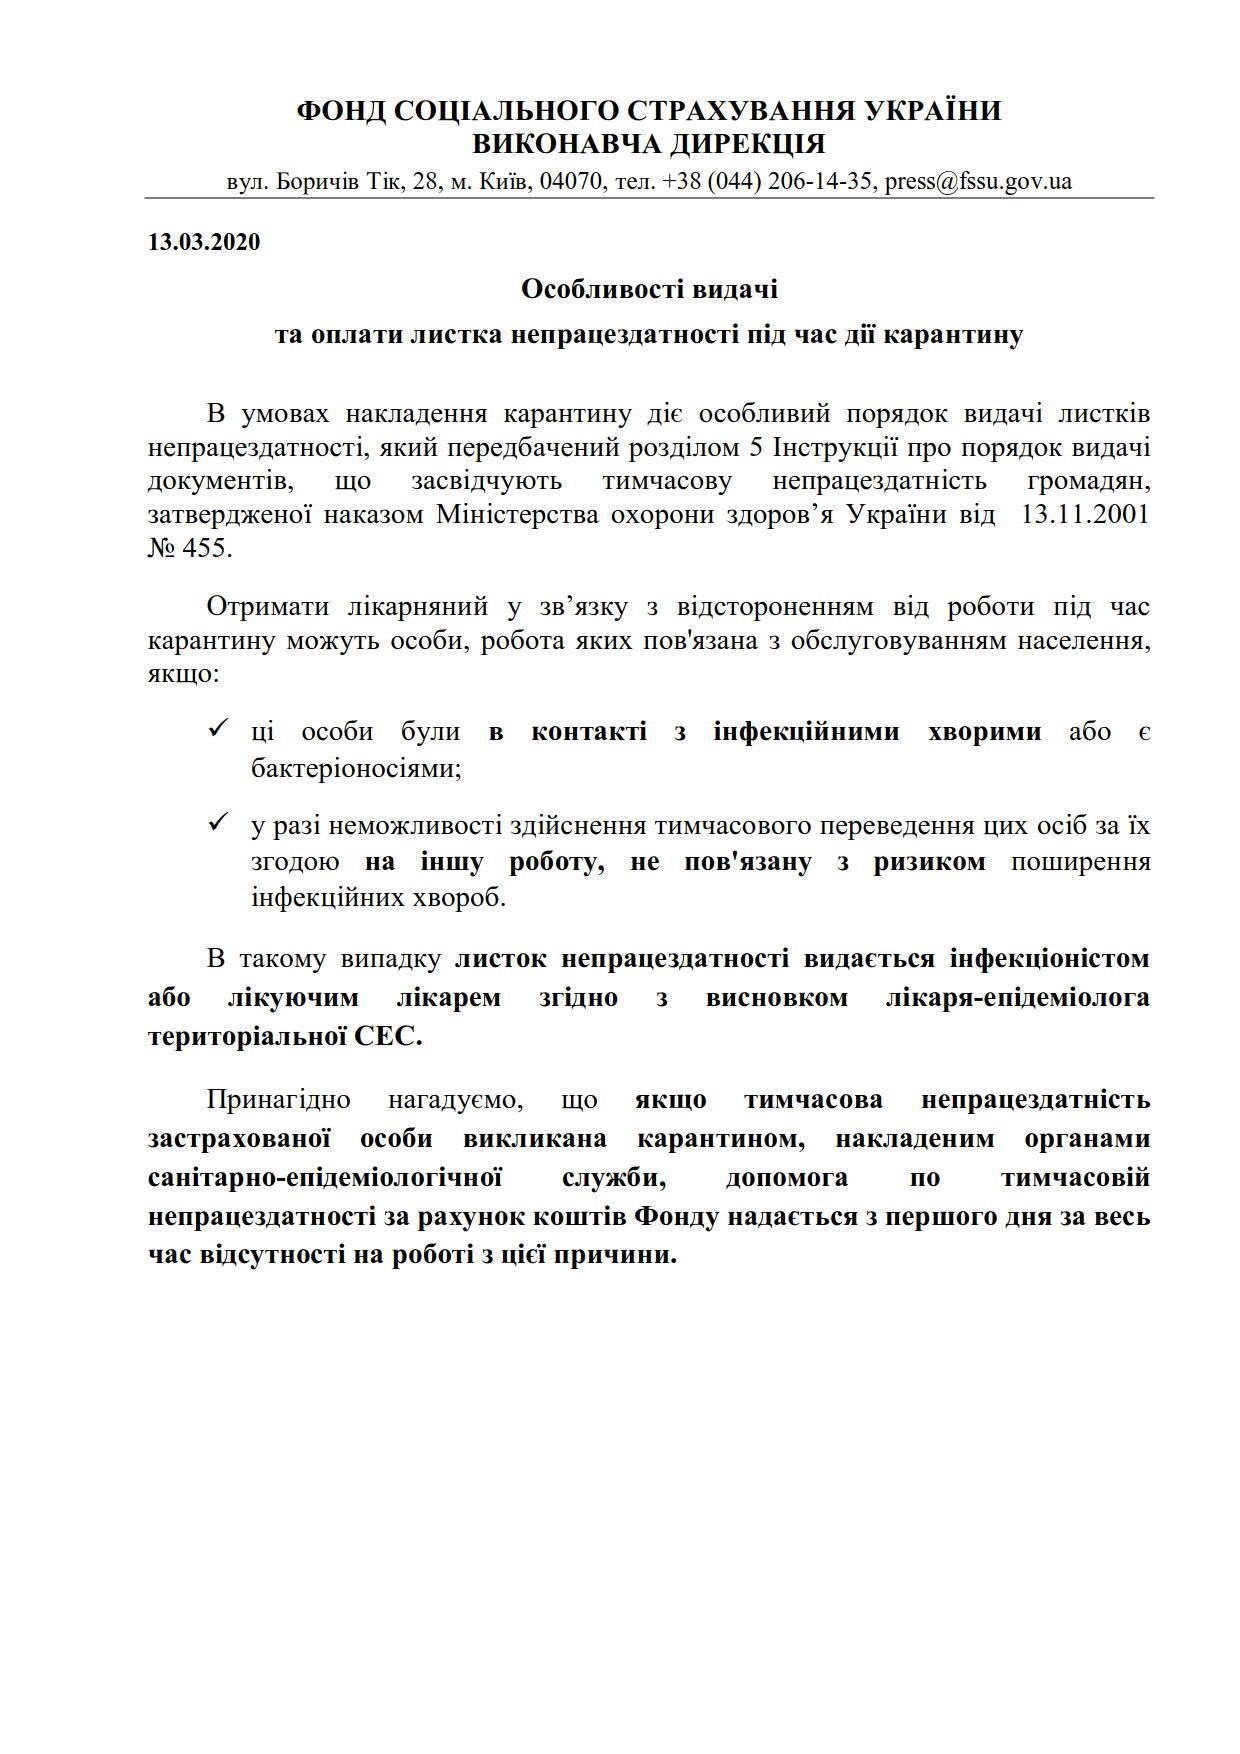 ФССУ_Особливості оплати лікарняних на карантині_1